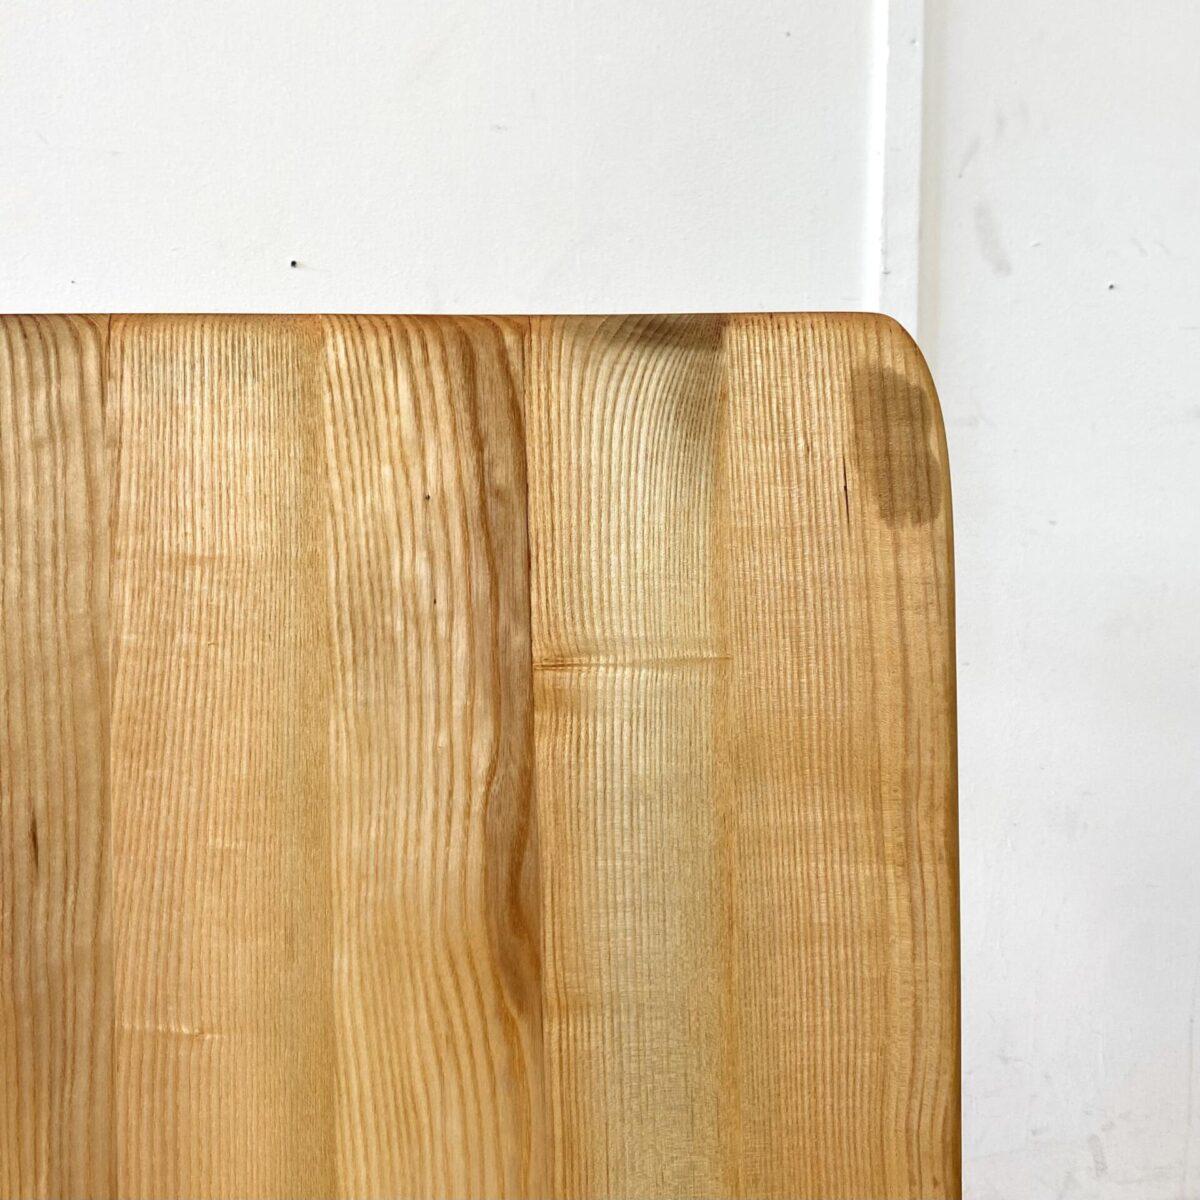 Deuxieme.shop swissdesign Table Jacob Müller. Kleiner Eschenholz Schreibtisch von Jacob Müller für Wohnhilfe Zürich, aus den 50er Jahren. 100x58cm Höhe 72cm. Der Tisch ist in schönem allgemein Zustand mit leichter Alterspatina. An einer Stirnseite leicht eingerissen, aber stabil. Die Holzoberflächen sind mit Naturöl behandelt.